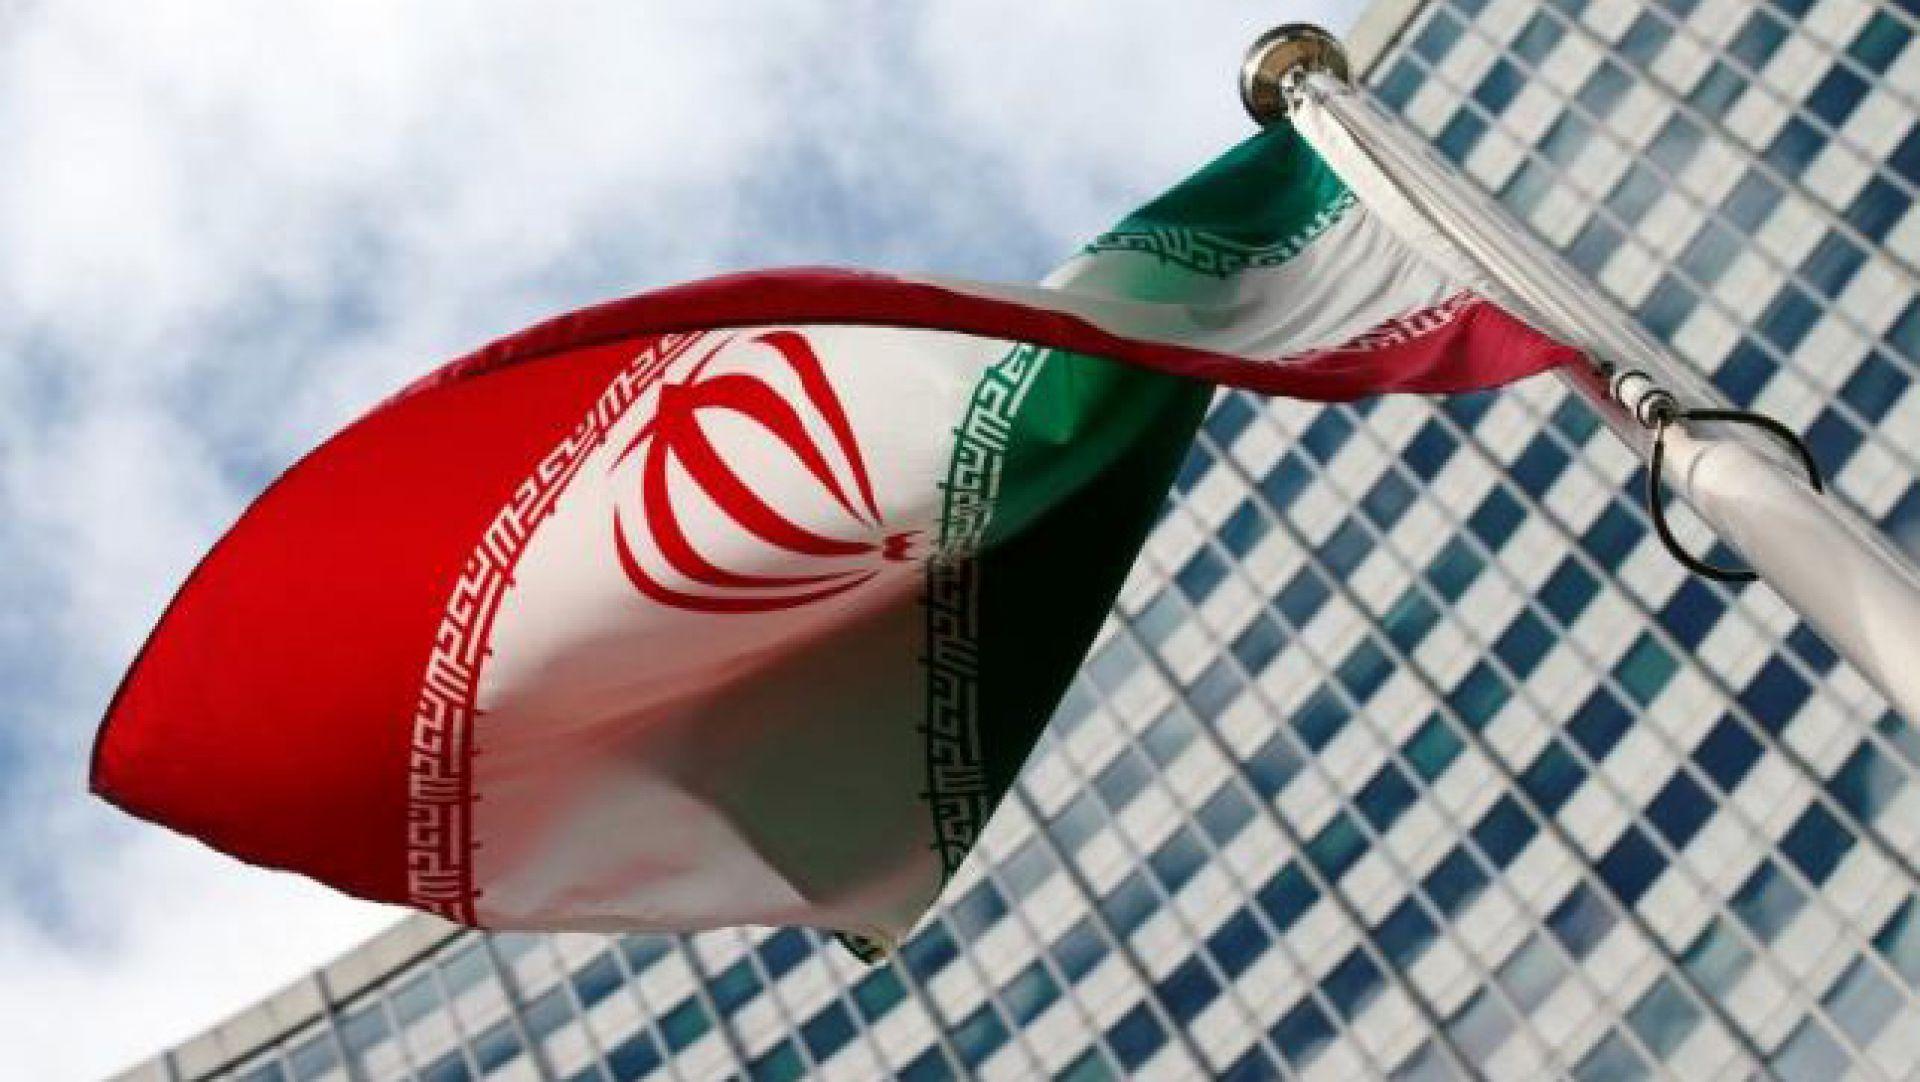 نامه ایران به سازمان ملل: دنبال جنگ نیستیم ولی اگر تحمیل شود قاطعانه دفاع میکنیم